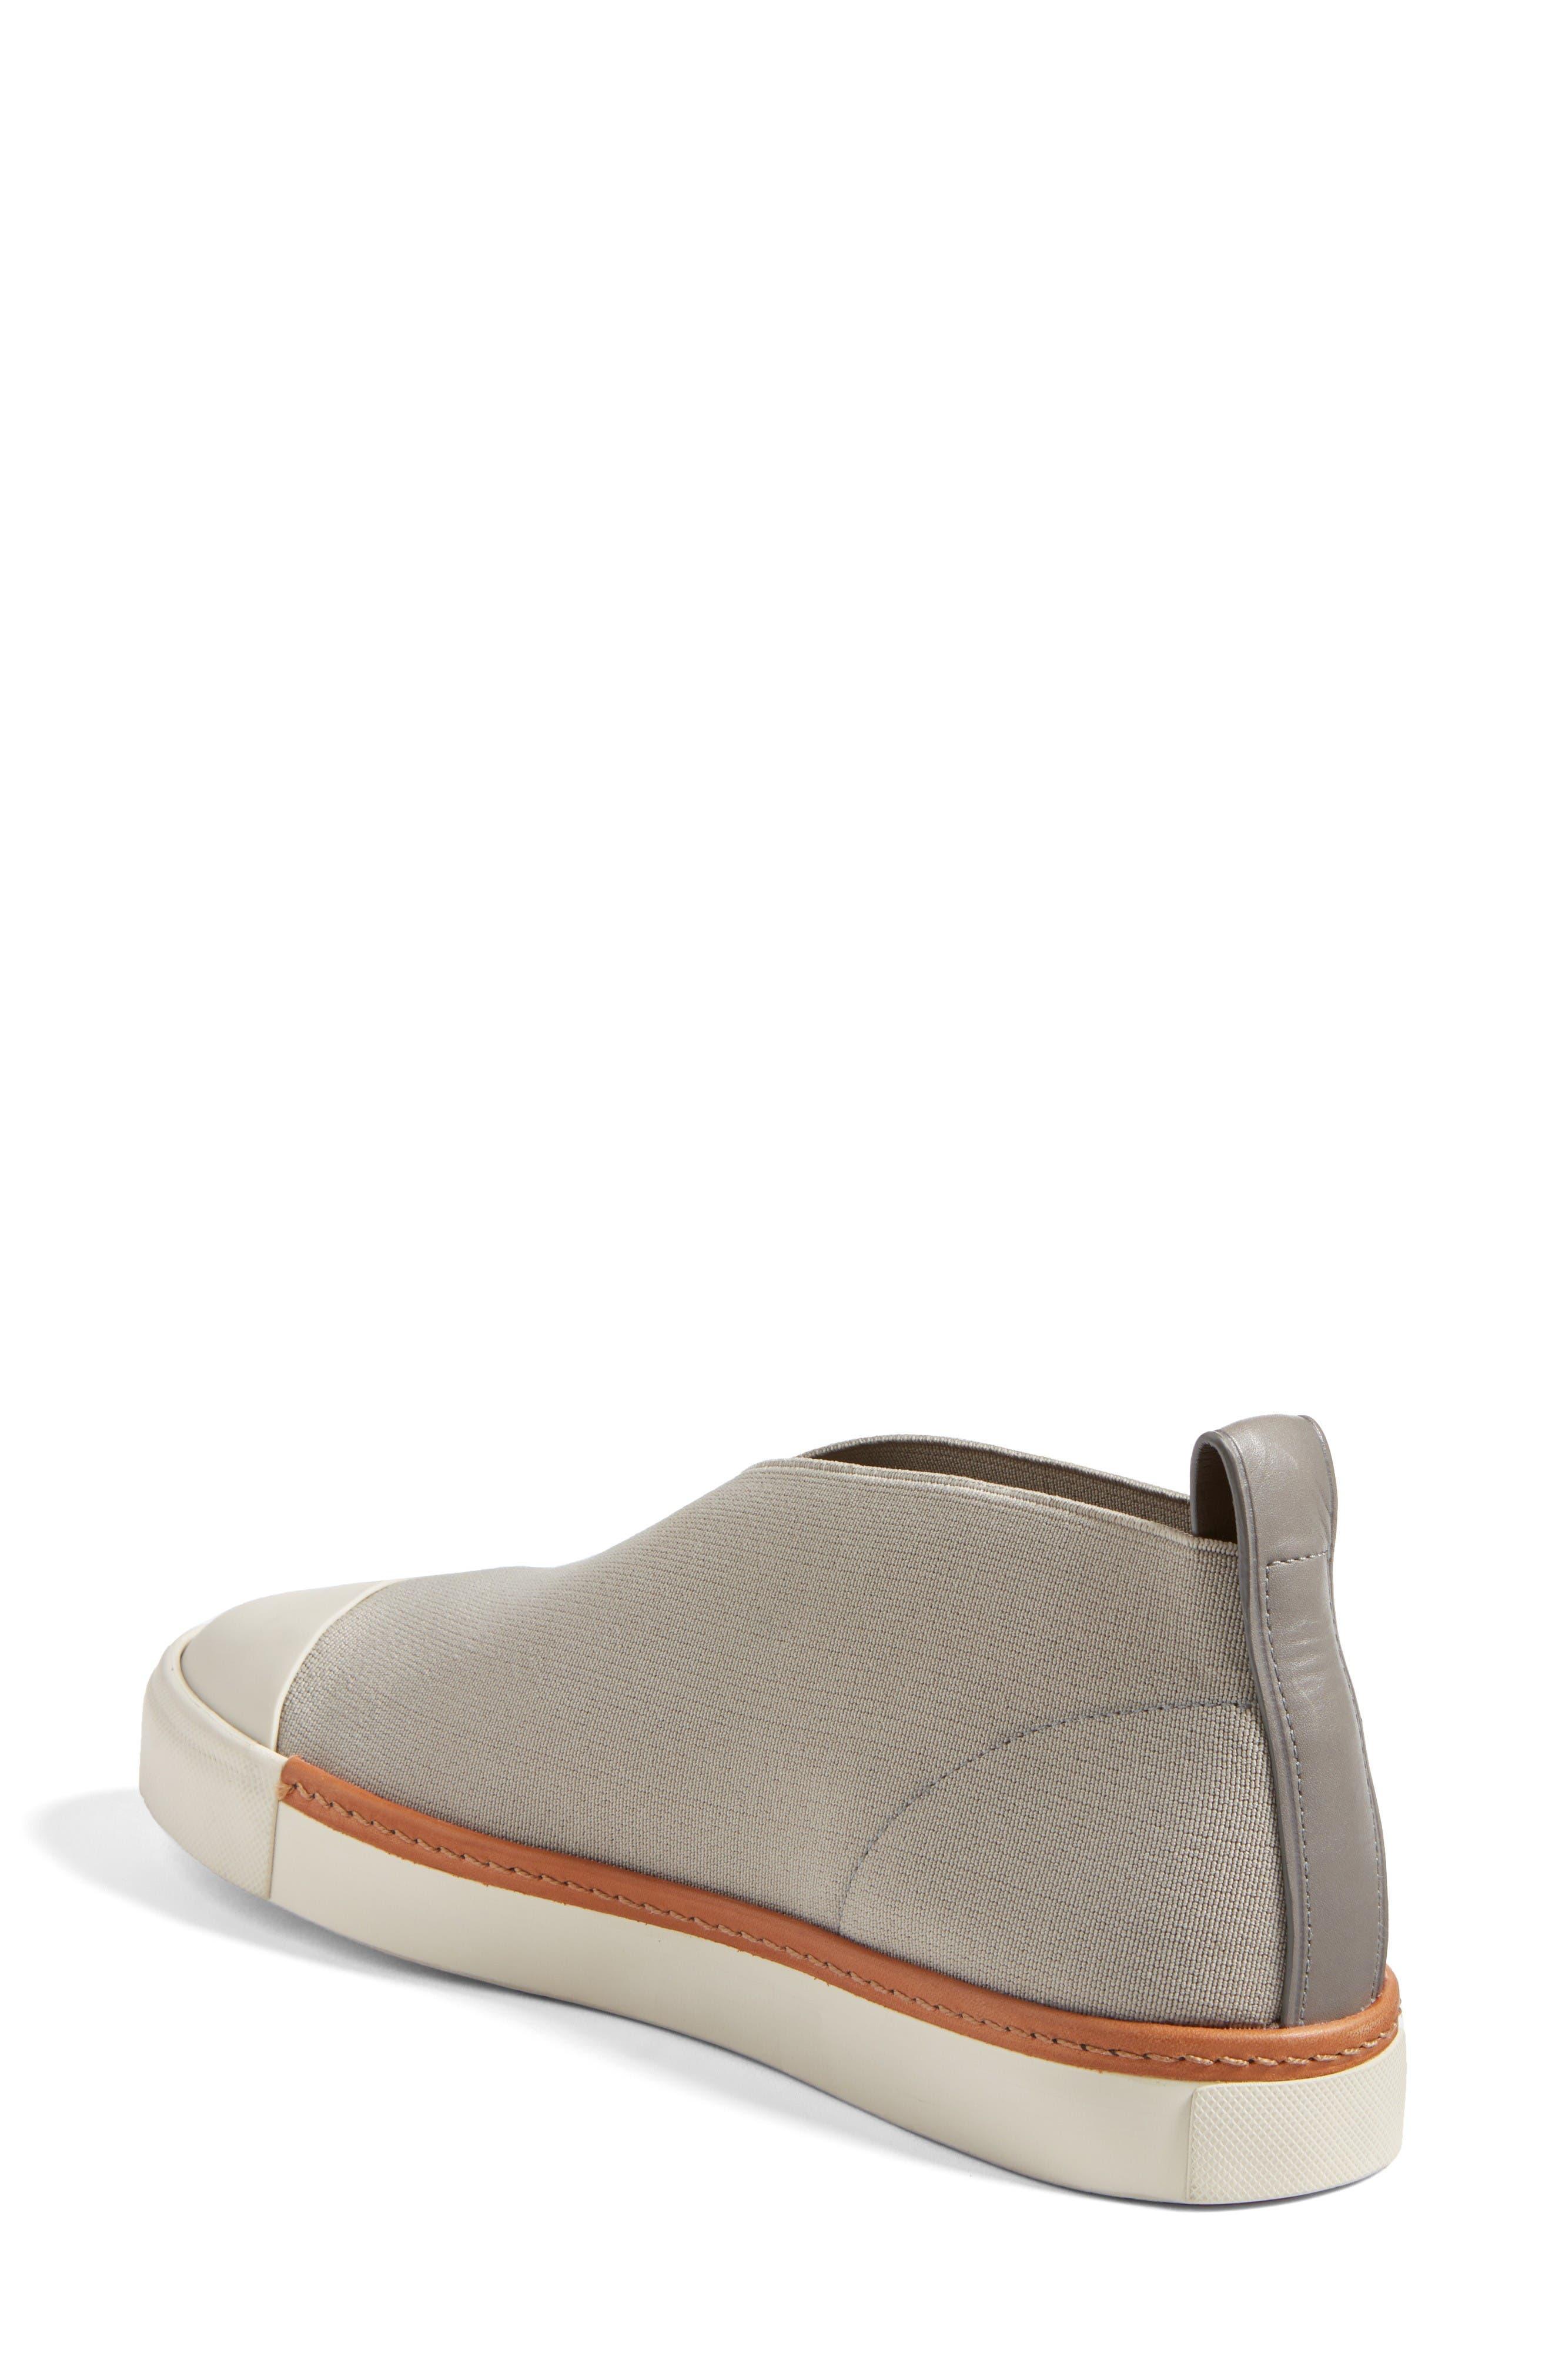 Alternate Image 2  - Mercedes Castillo Thana Slip-On Sneaker (Women)